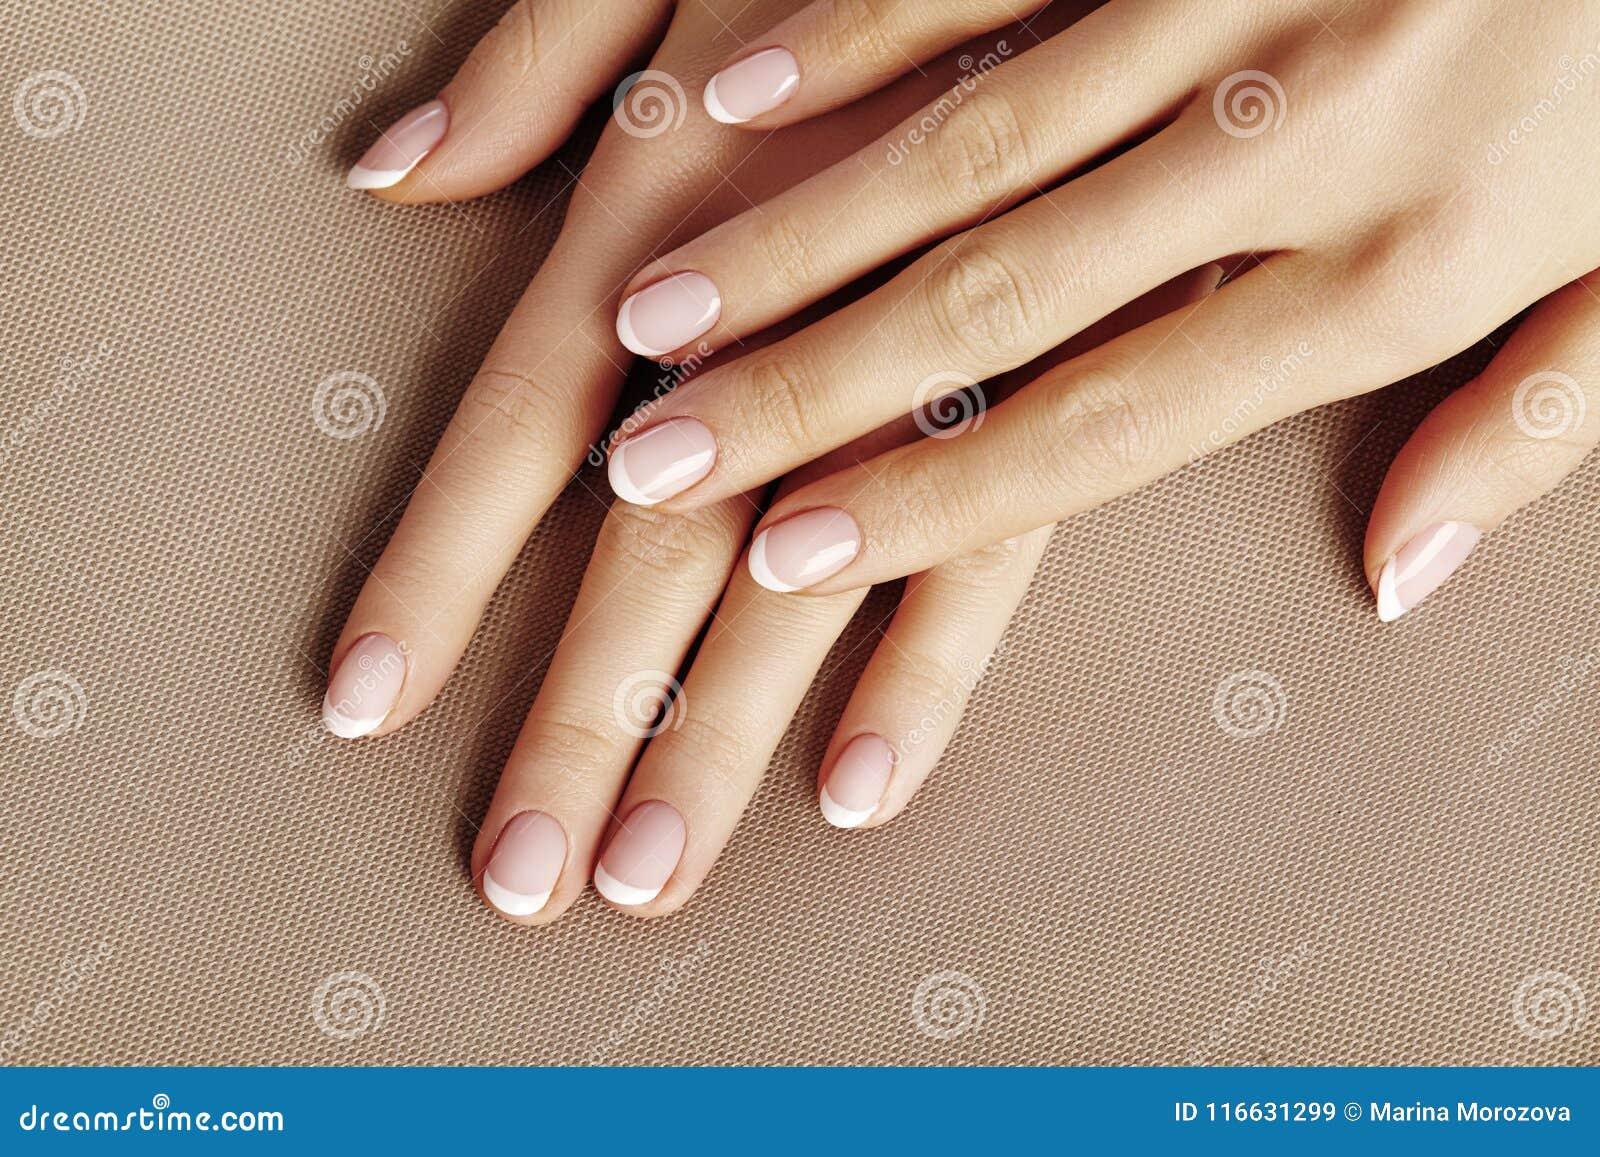 Młoda Żeńska palma Piękny splendoru manicure francuskiego stylu zrób sobie paznokcia polskich produktów Dba o rękach i gwoździach